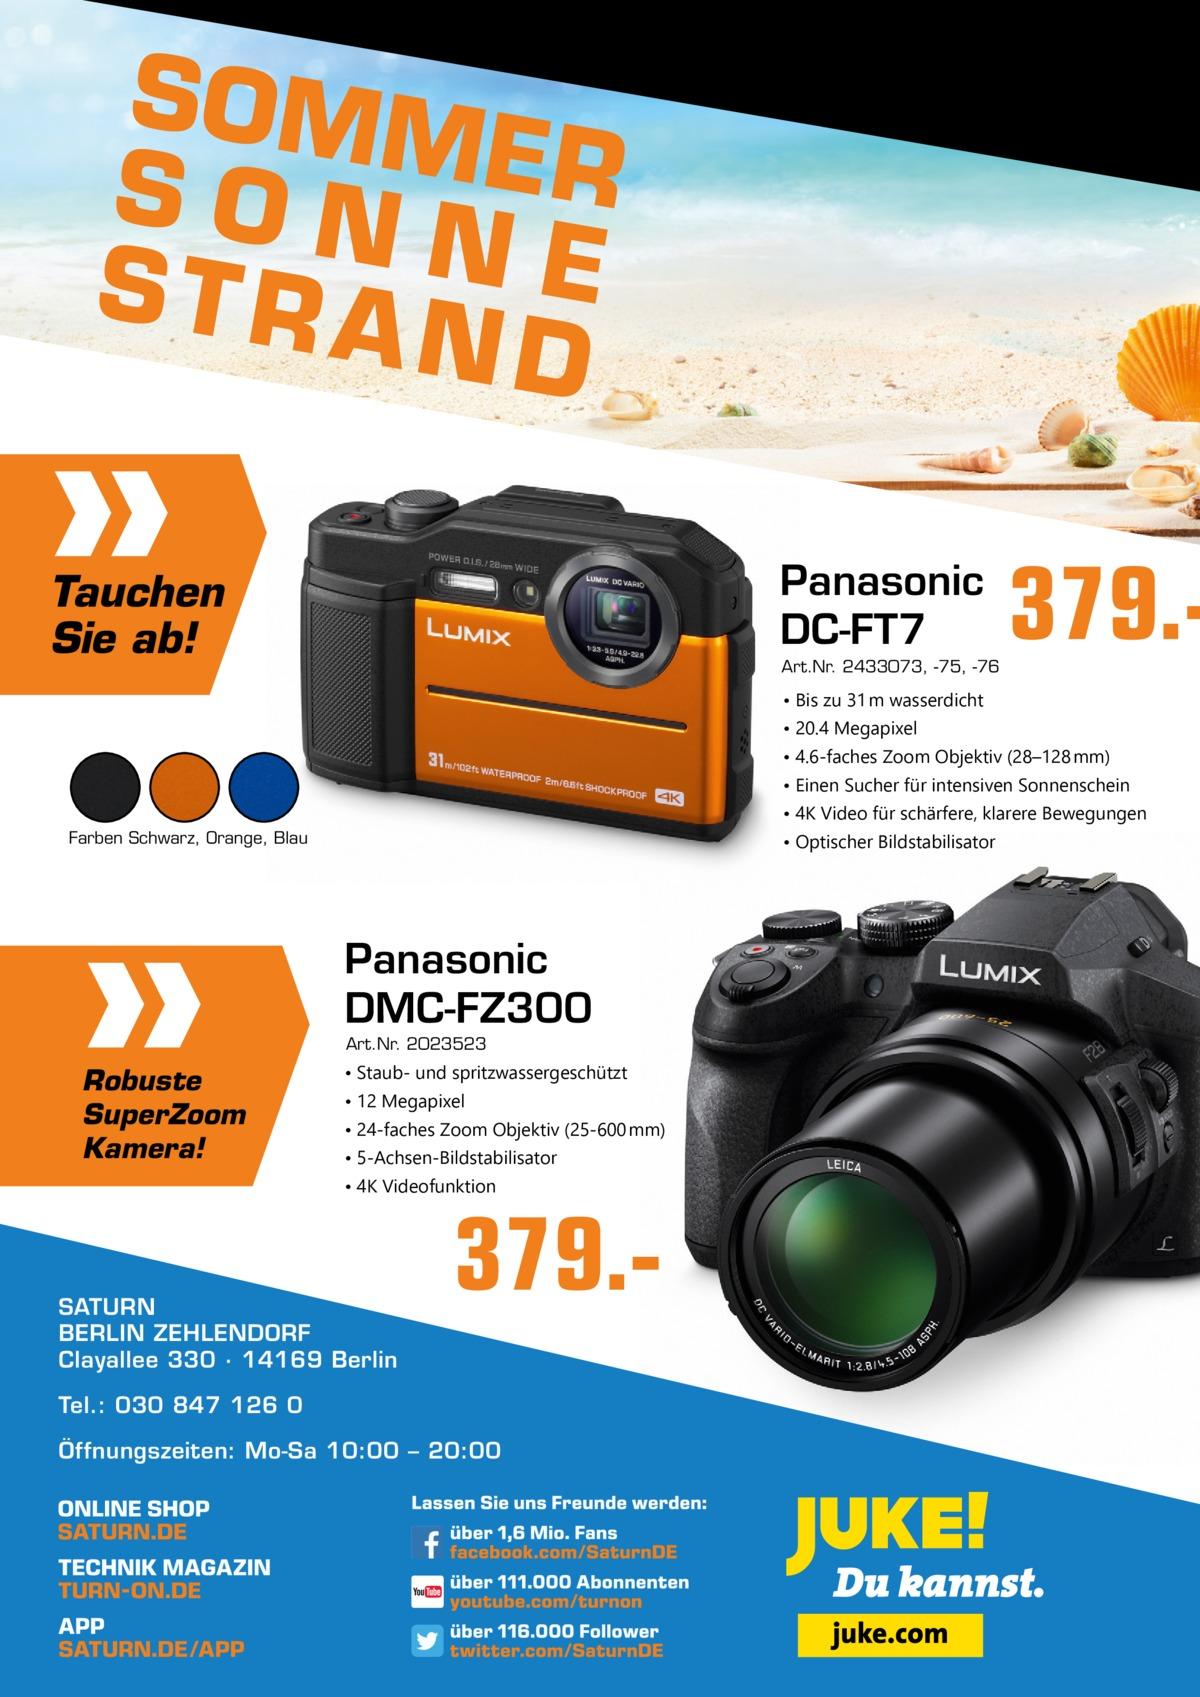 SOMM E R SON N STRA E ND Panasonic DC-FT7  Tauchen Sie ab!  Art.Nr. 2433073, -75, -76  379. • Bis zu 31 m wasserdicht • 20.4 Megapixel • 4.6-faches Zoom Objektiv (28–128 mm) • Einen Sucher für intensiven Sonnenschein • 4K Video für schärfere, klarere Bewegungen Farben Schwarz, Orange, Blau  • Optischer Bildstabilisator  Panasonic DMC-FZ300 Art.Nr. 2023523  Robuste SuperZoom Kamera!  • Staub- und spritzwassergeschützt • 12 Megapixel • 24-faches Zoom Objektiv (25-600 mm) • 5-Achsen-Bildstabilisator • 4K Videofunktion  SATURN BERLIN ZEHLENDORF Clayallee 330 ∙ 14169Berlin  379. Tel.: 030 847 126 0 Öffnungszeiten: Mo-Sa 10:00 – 20:00